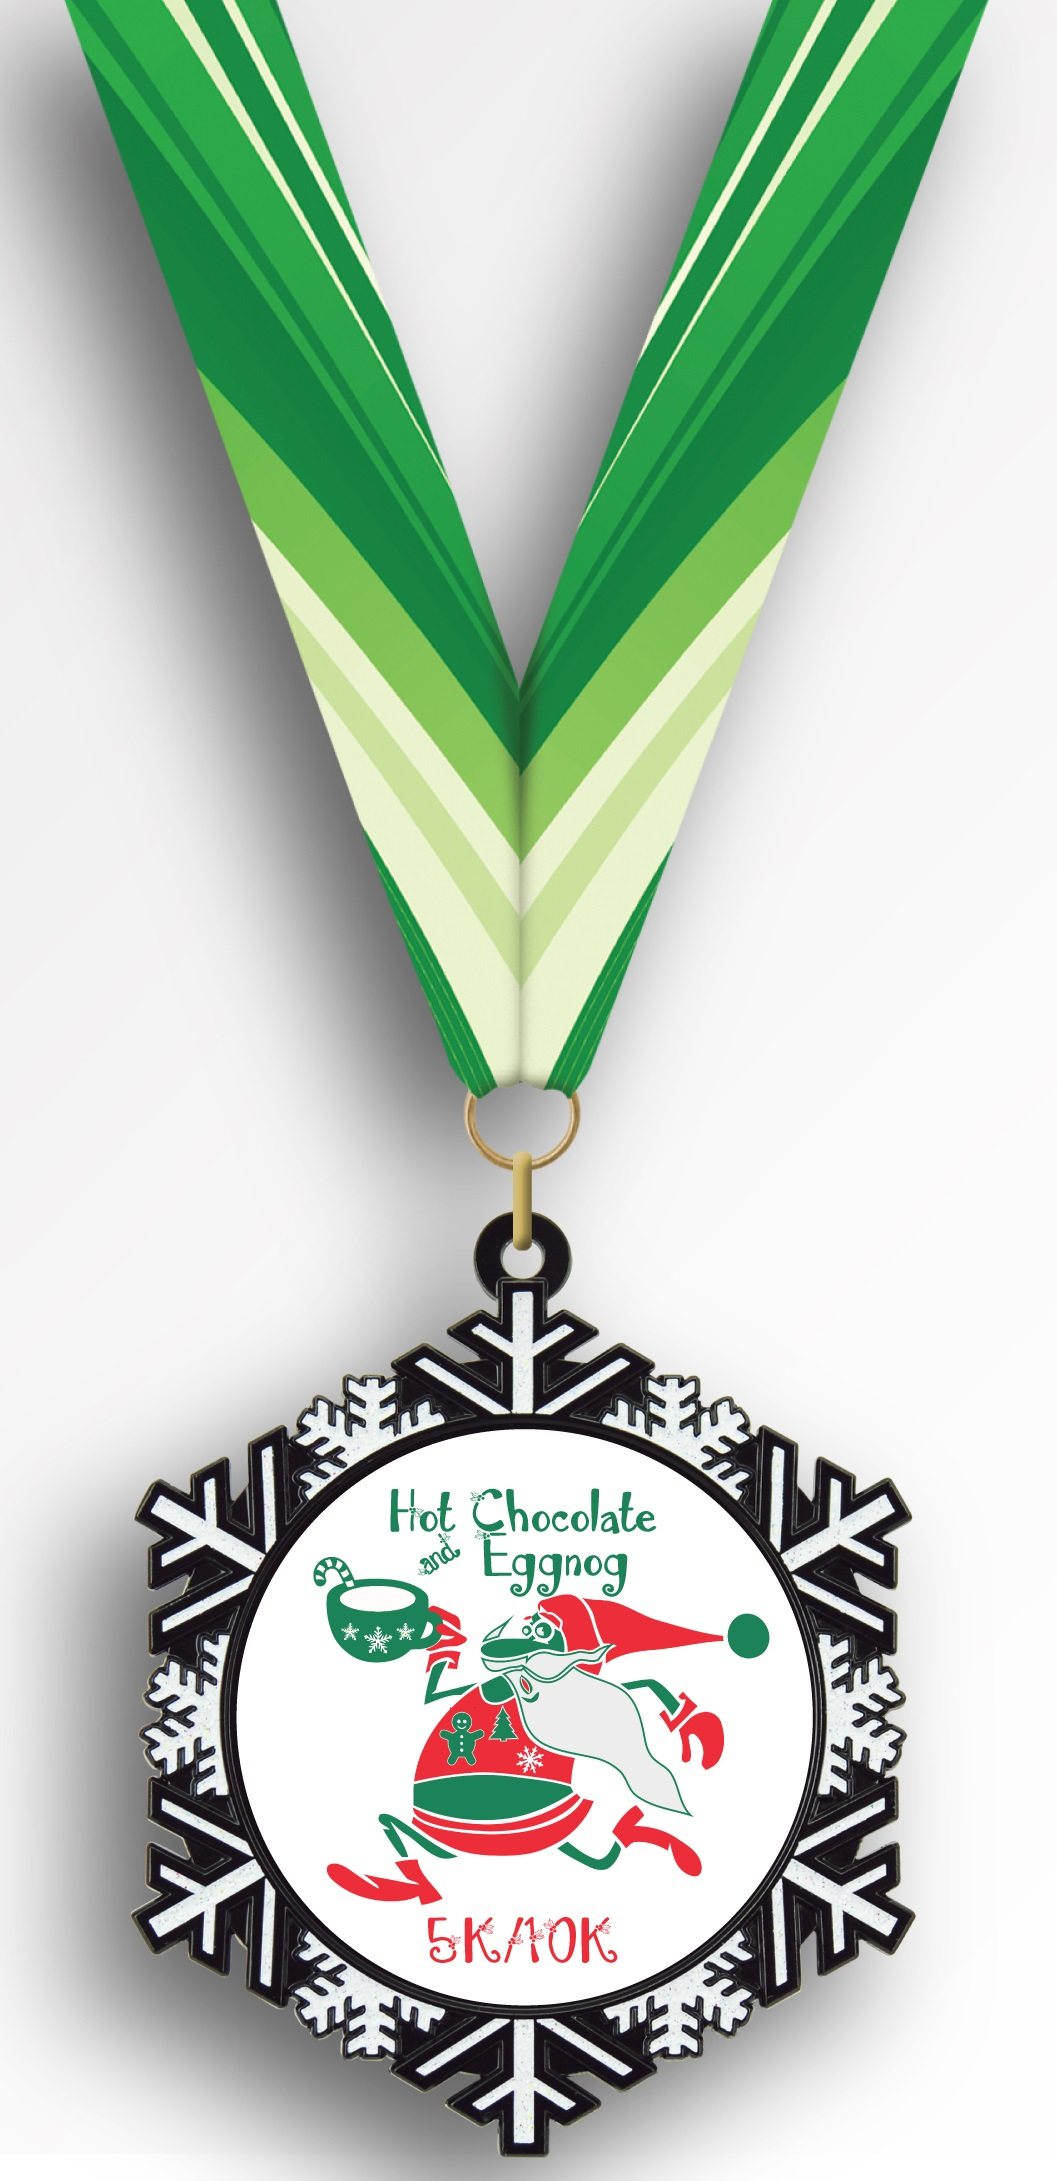 Finishers Medal Hot Chocolate & Eggnog 5k & 10k